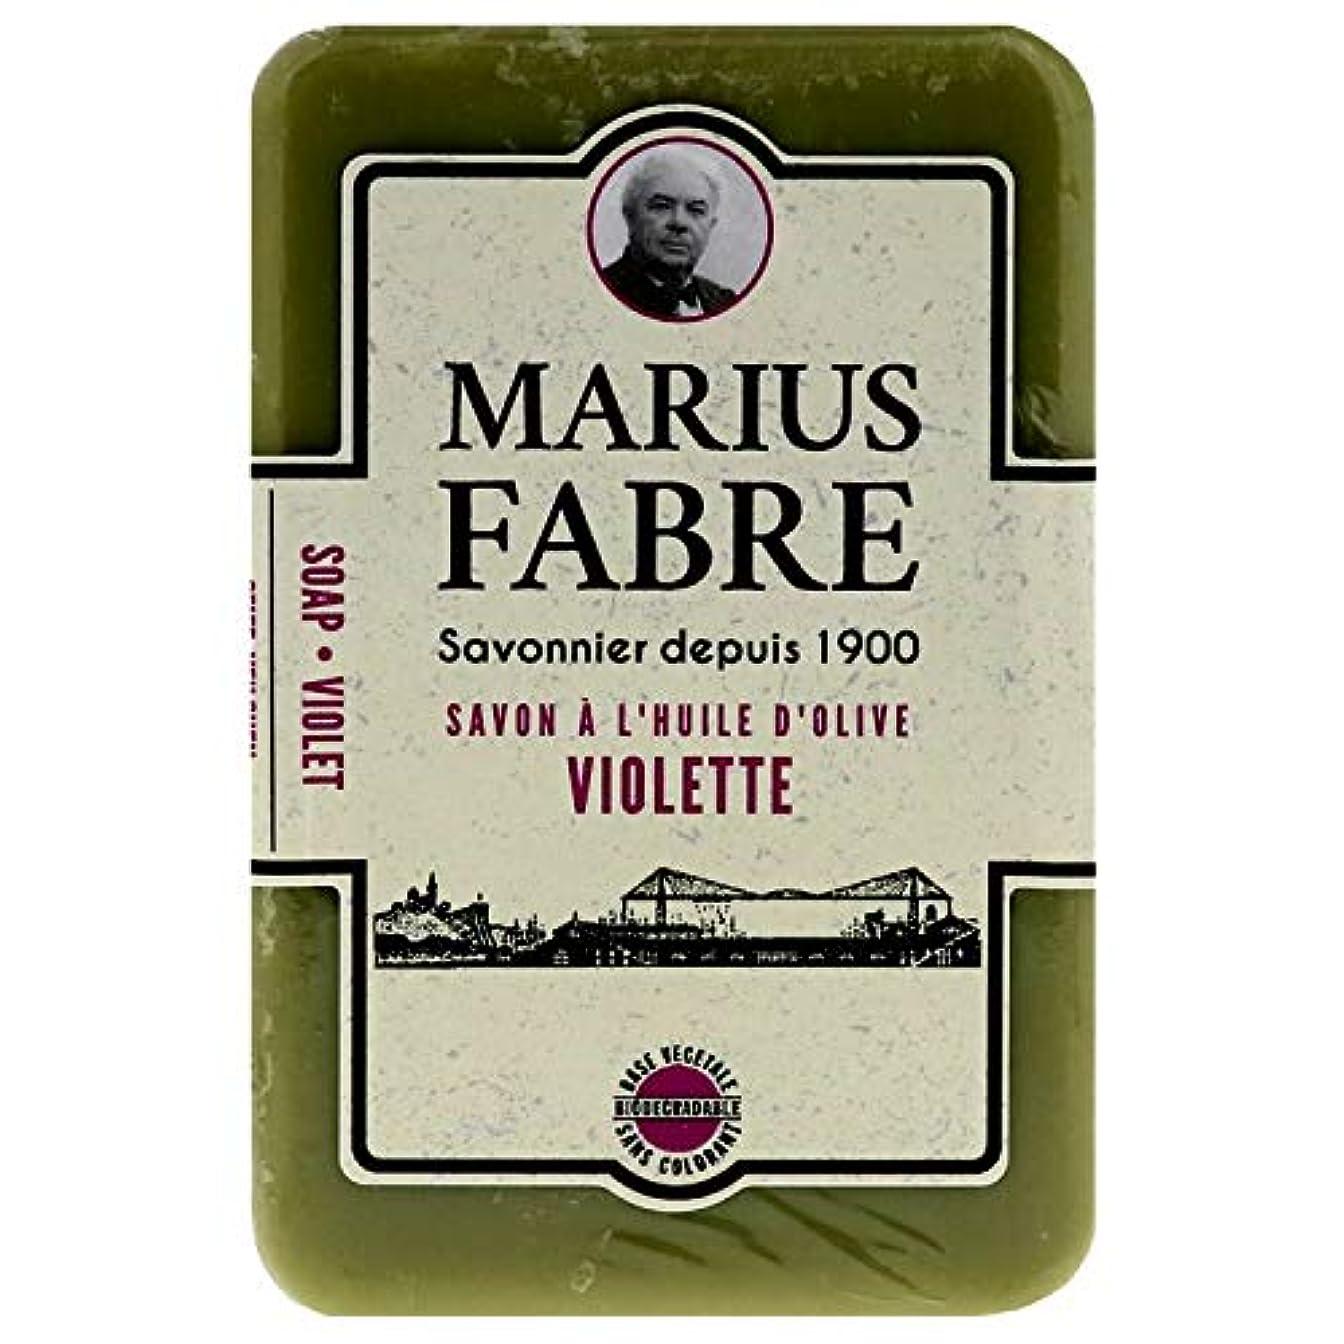 割る損なう有効サボンドマルセイユ 1900 バイオレット 250g